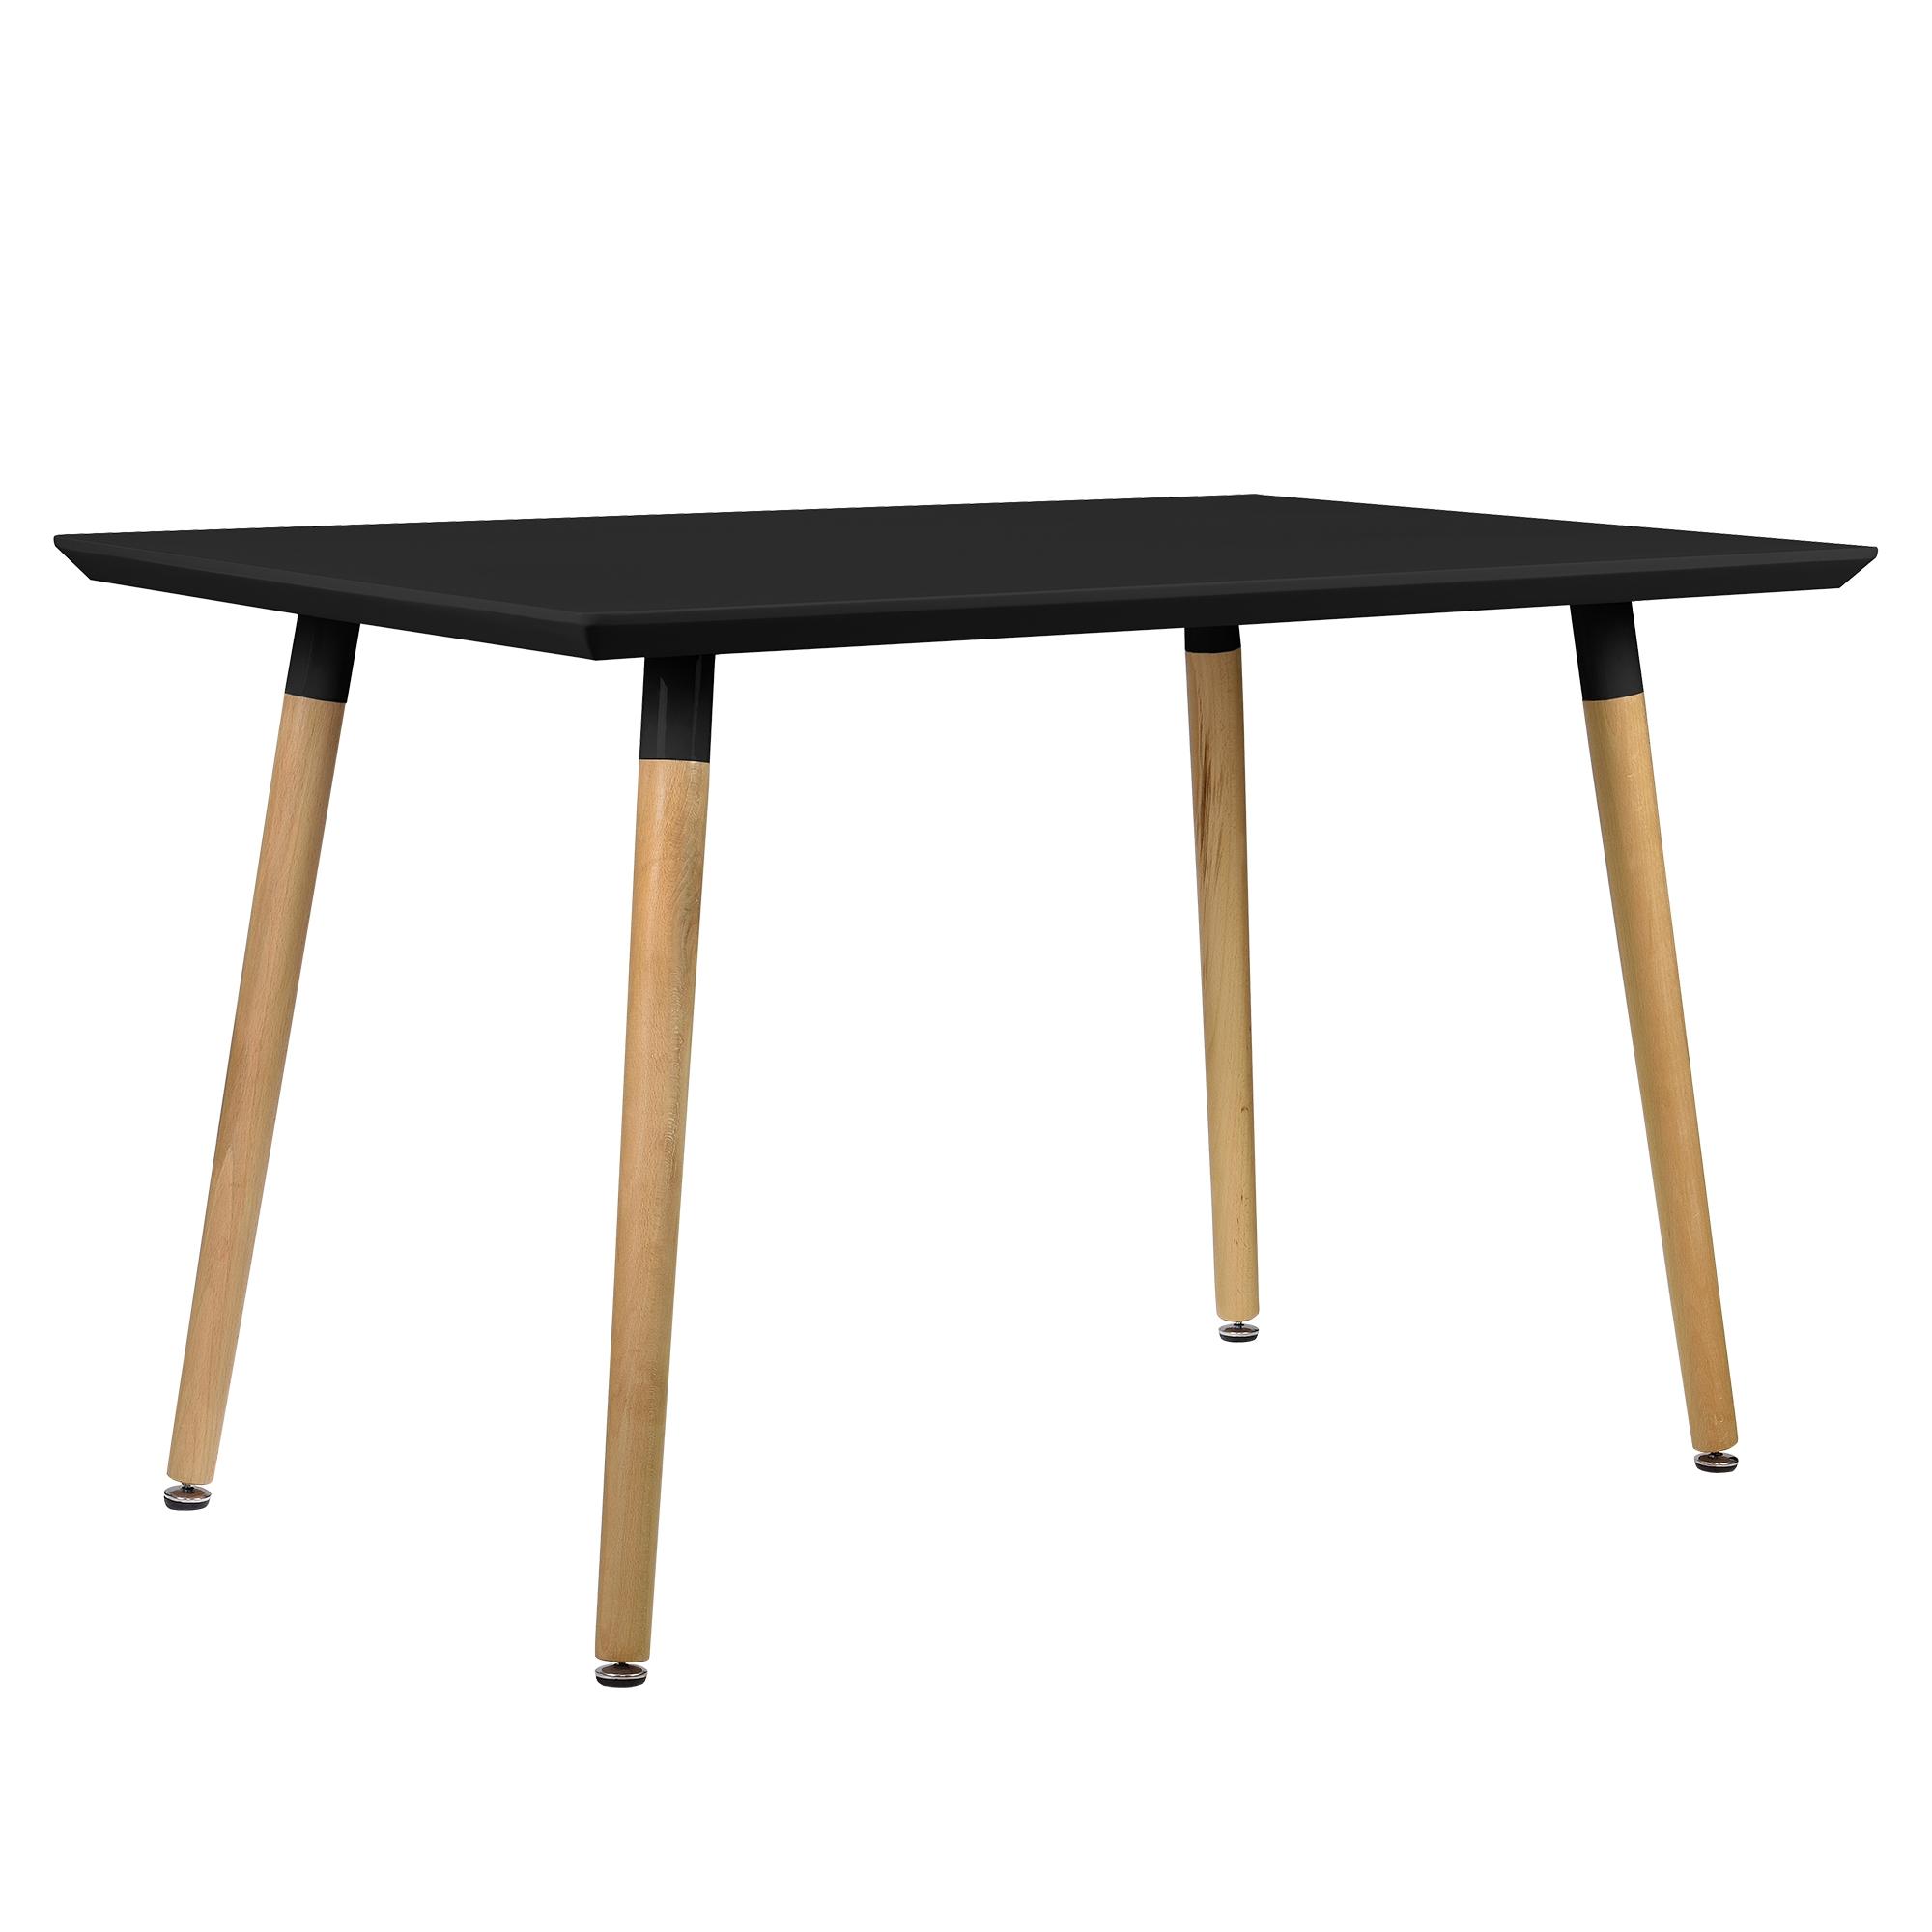 moderner esstisch tisch esszimmer k chentisch retro rund eckig eiche ebay. Black Bedroom Furniture Sets. Home Design Ideas